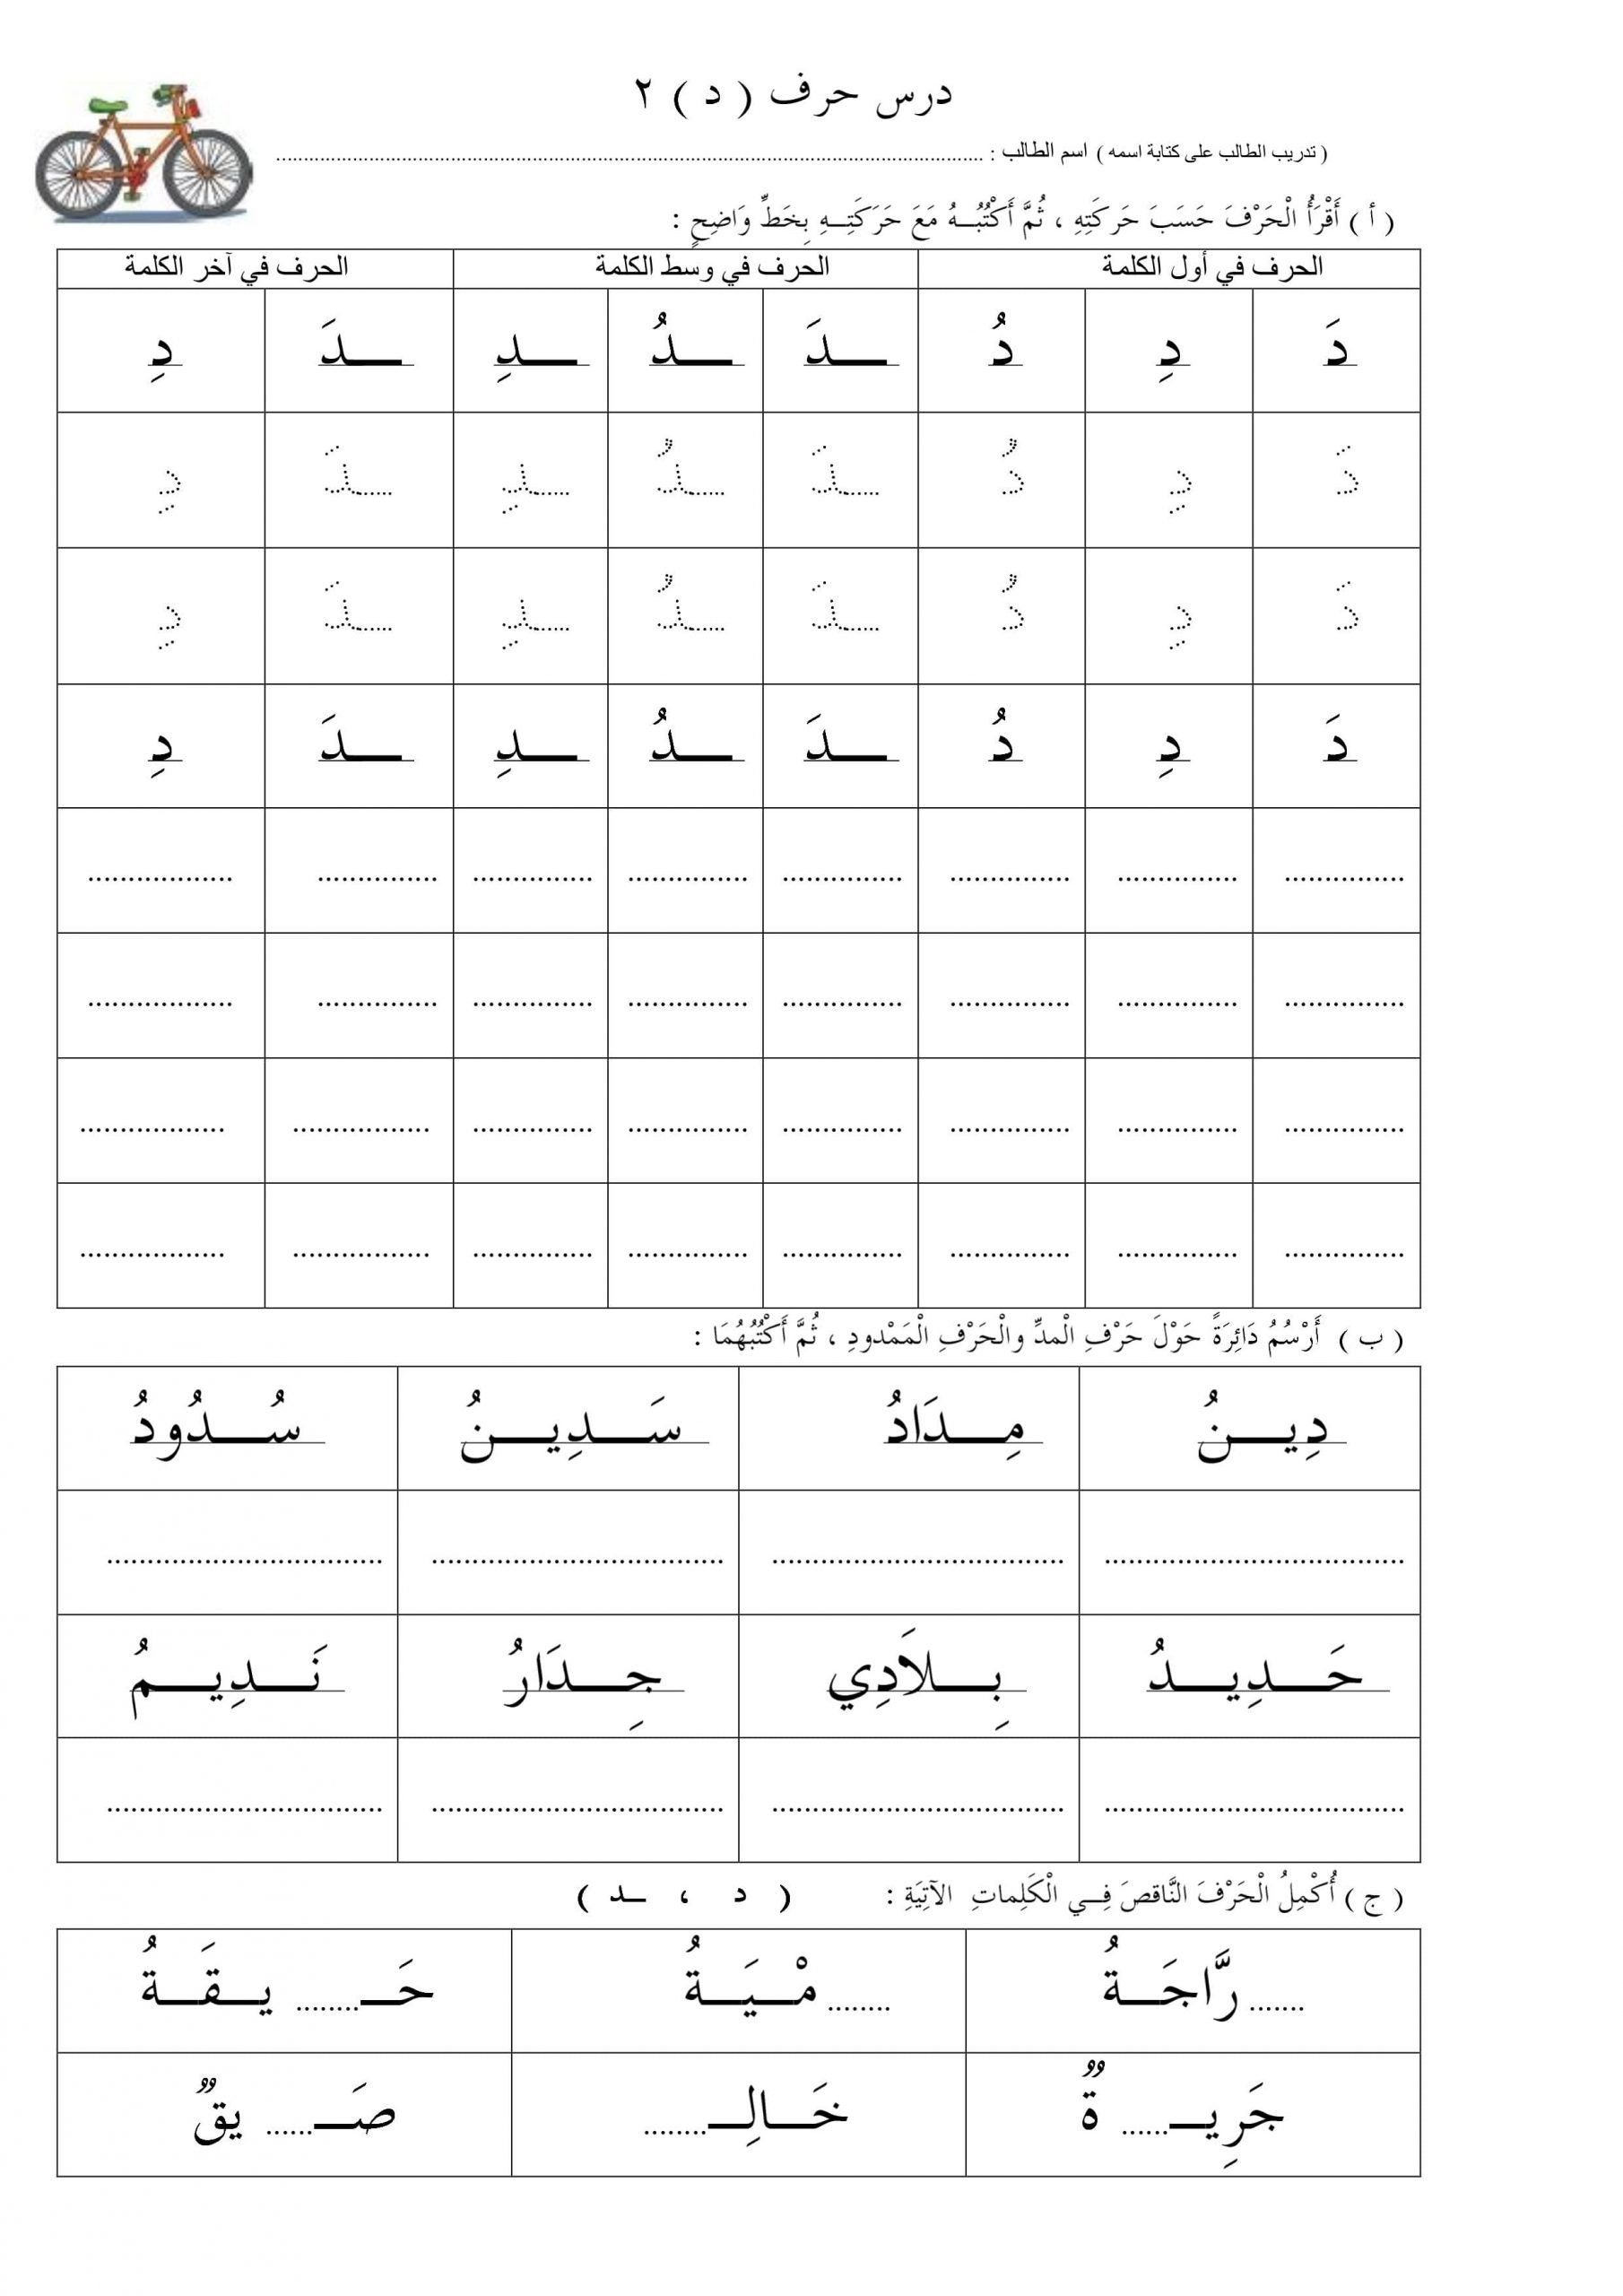 ورقة عمل حرف الدال متنوعة لتعليم الاطفال الكتابة الحرف Sheet Music